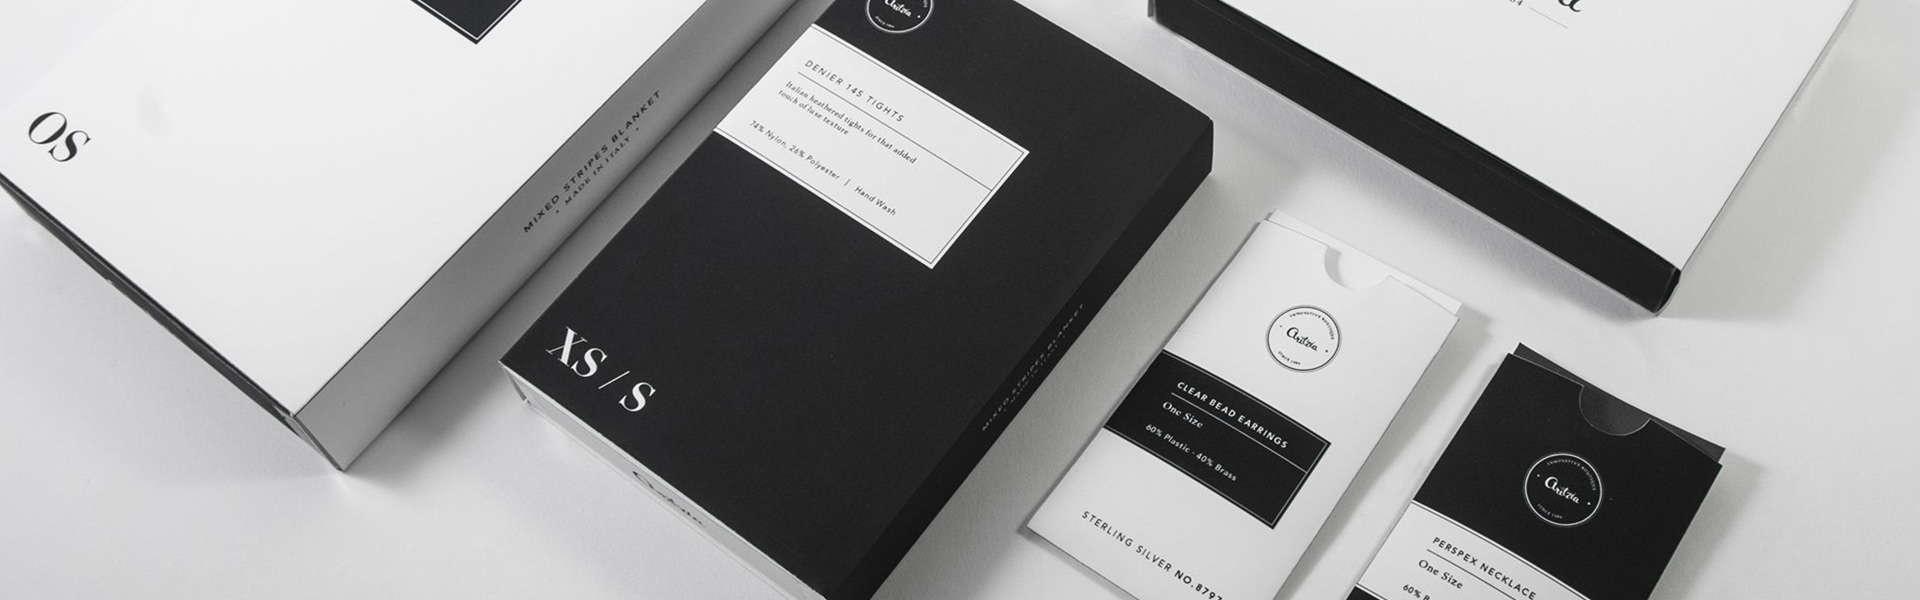 עיצוב אריזות וקופסאות מעוצבות אריזות וקופסאות קרטון מעוצבות